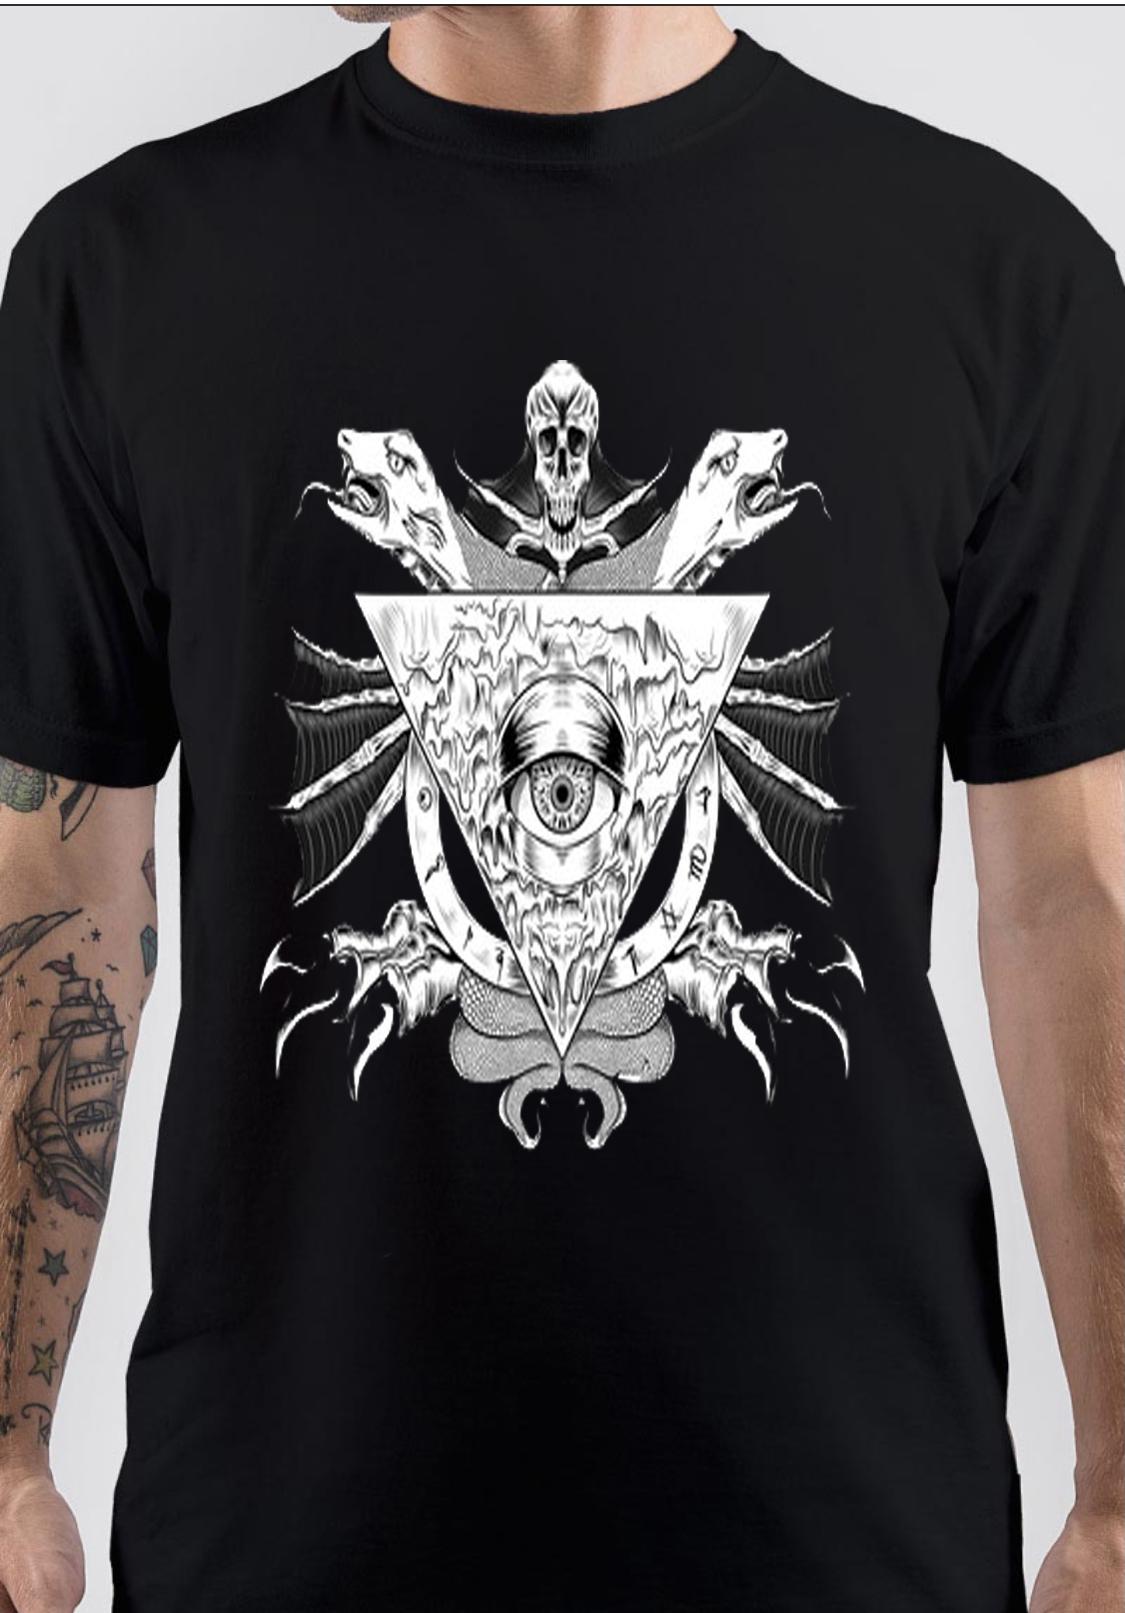 Illuminati T-Shirt And Merchandise